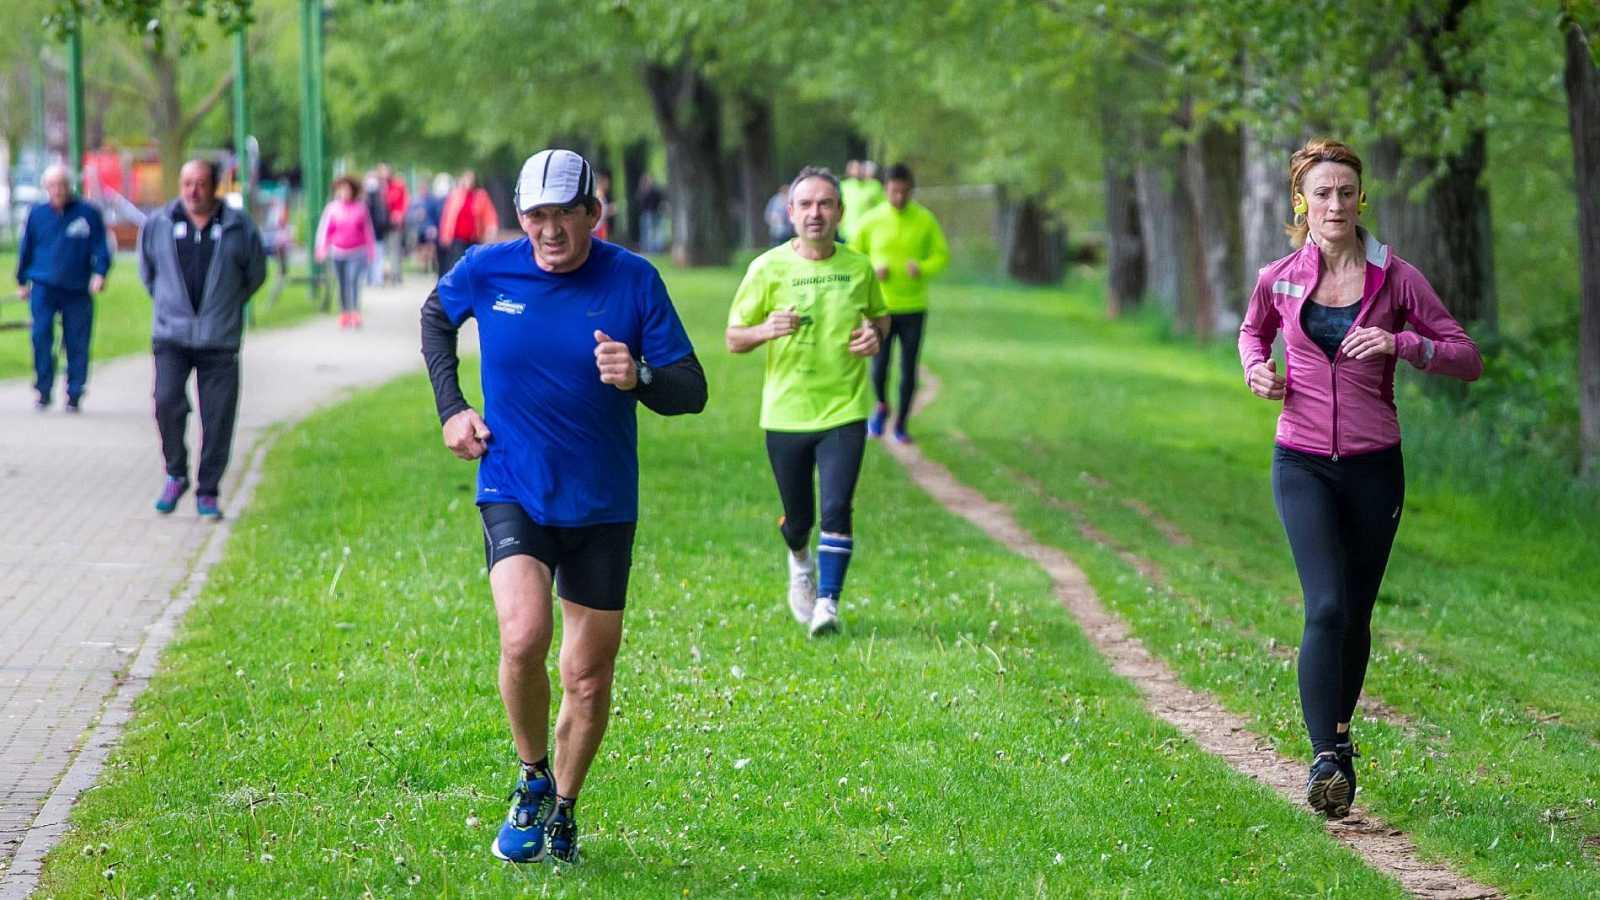 Las grandes ciudades se llenan de deportistas y transeúntes en el primer día de paseos permitidos